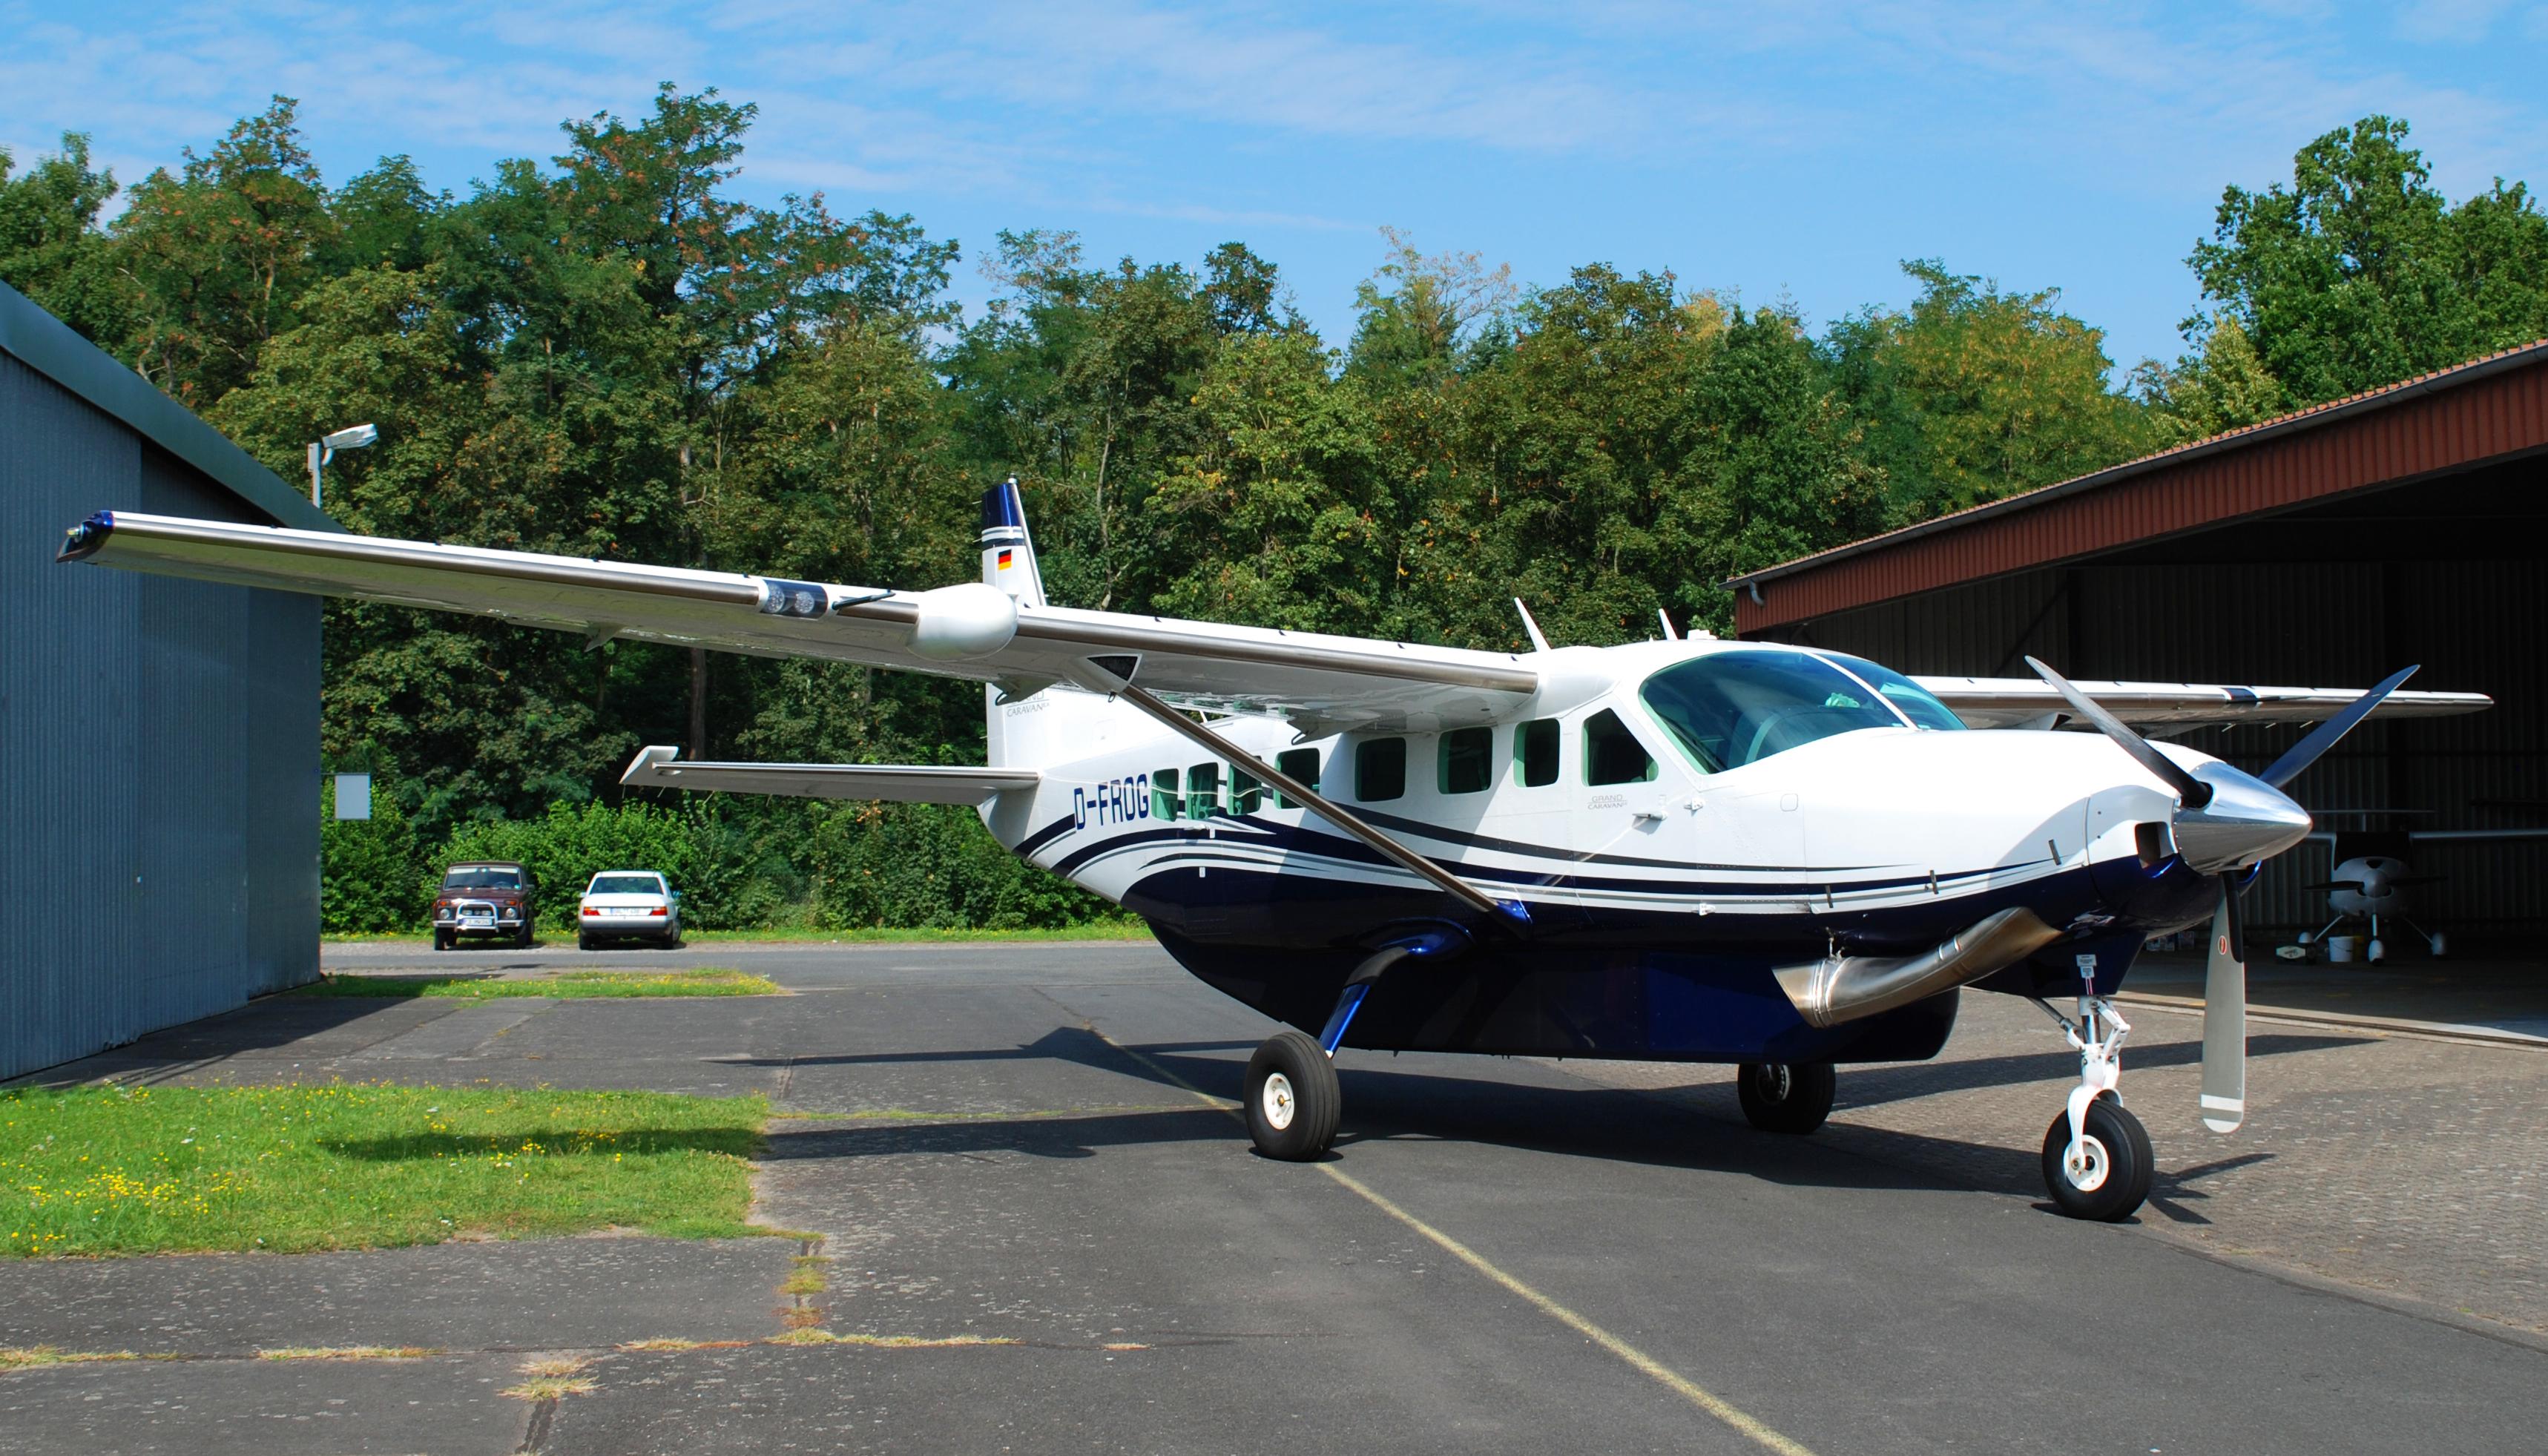 2016 Cessna Grand Caravan EX, D-FROG